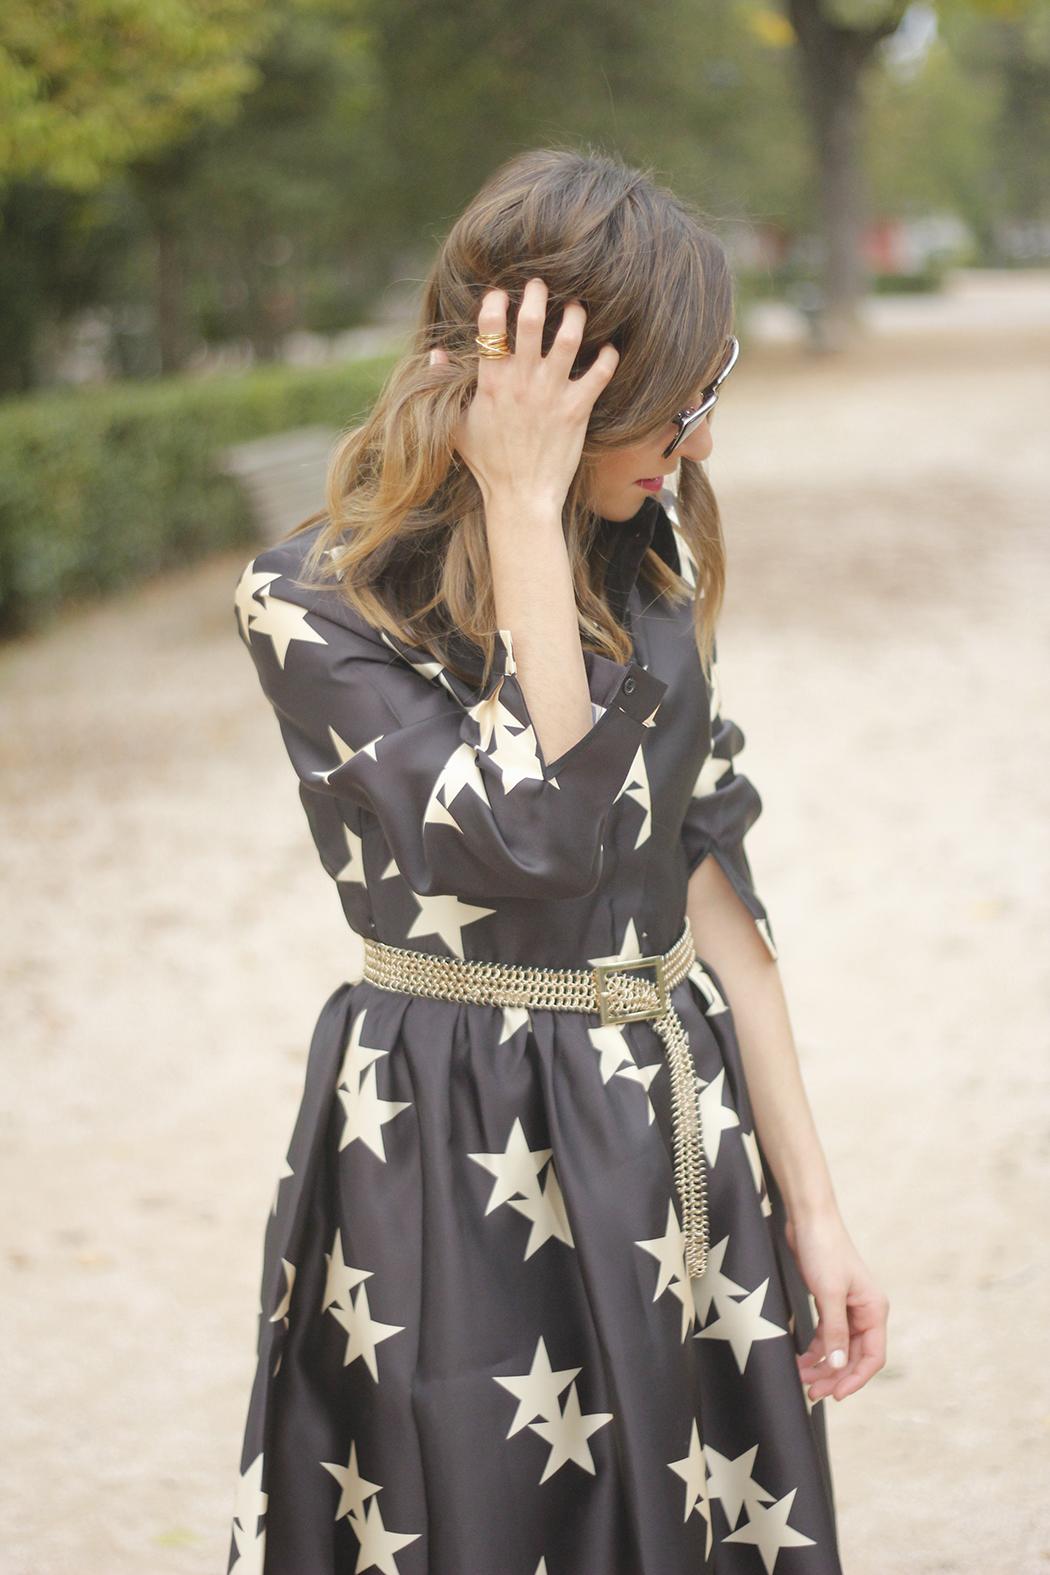 Star Print Dress sunnies heels outfit17